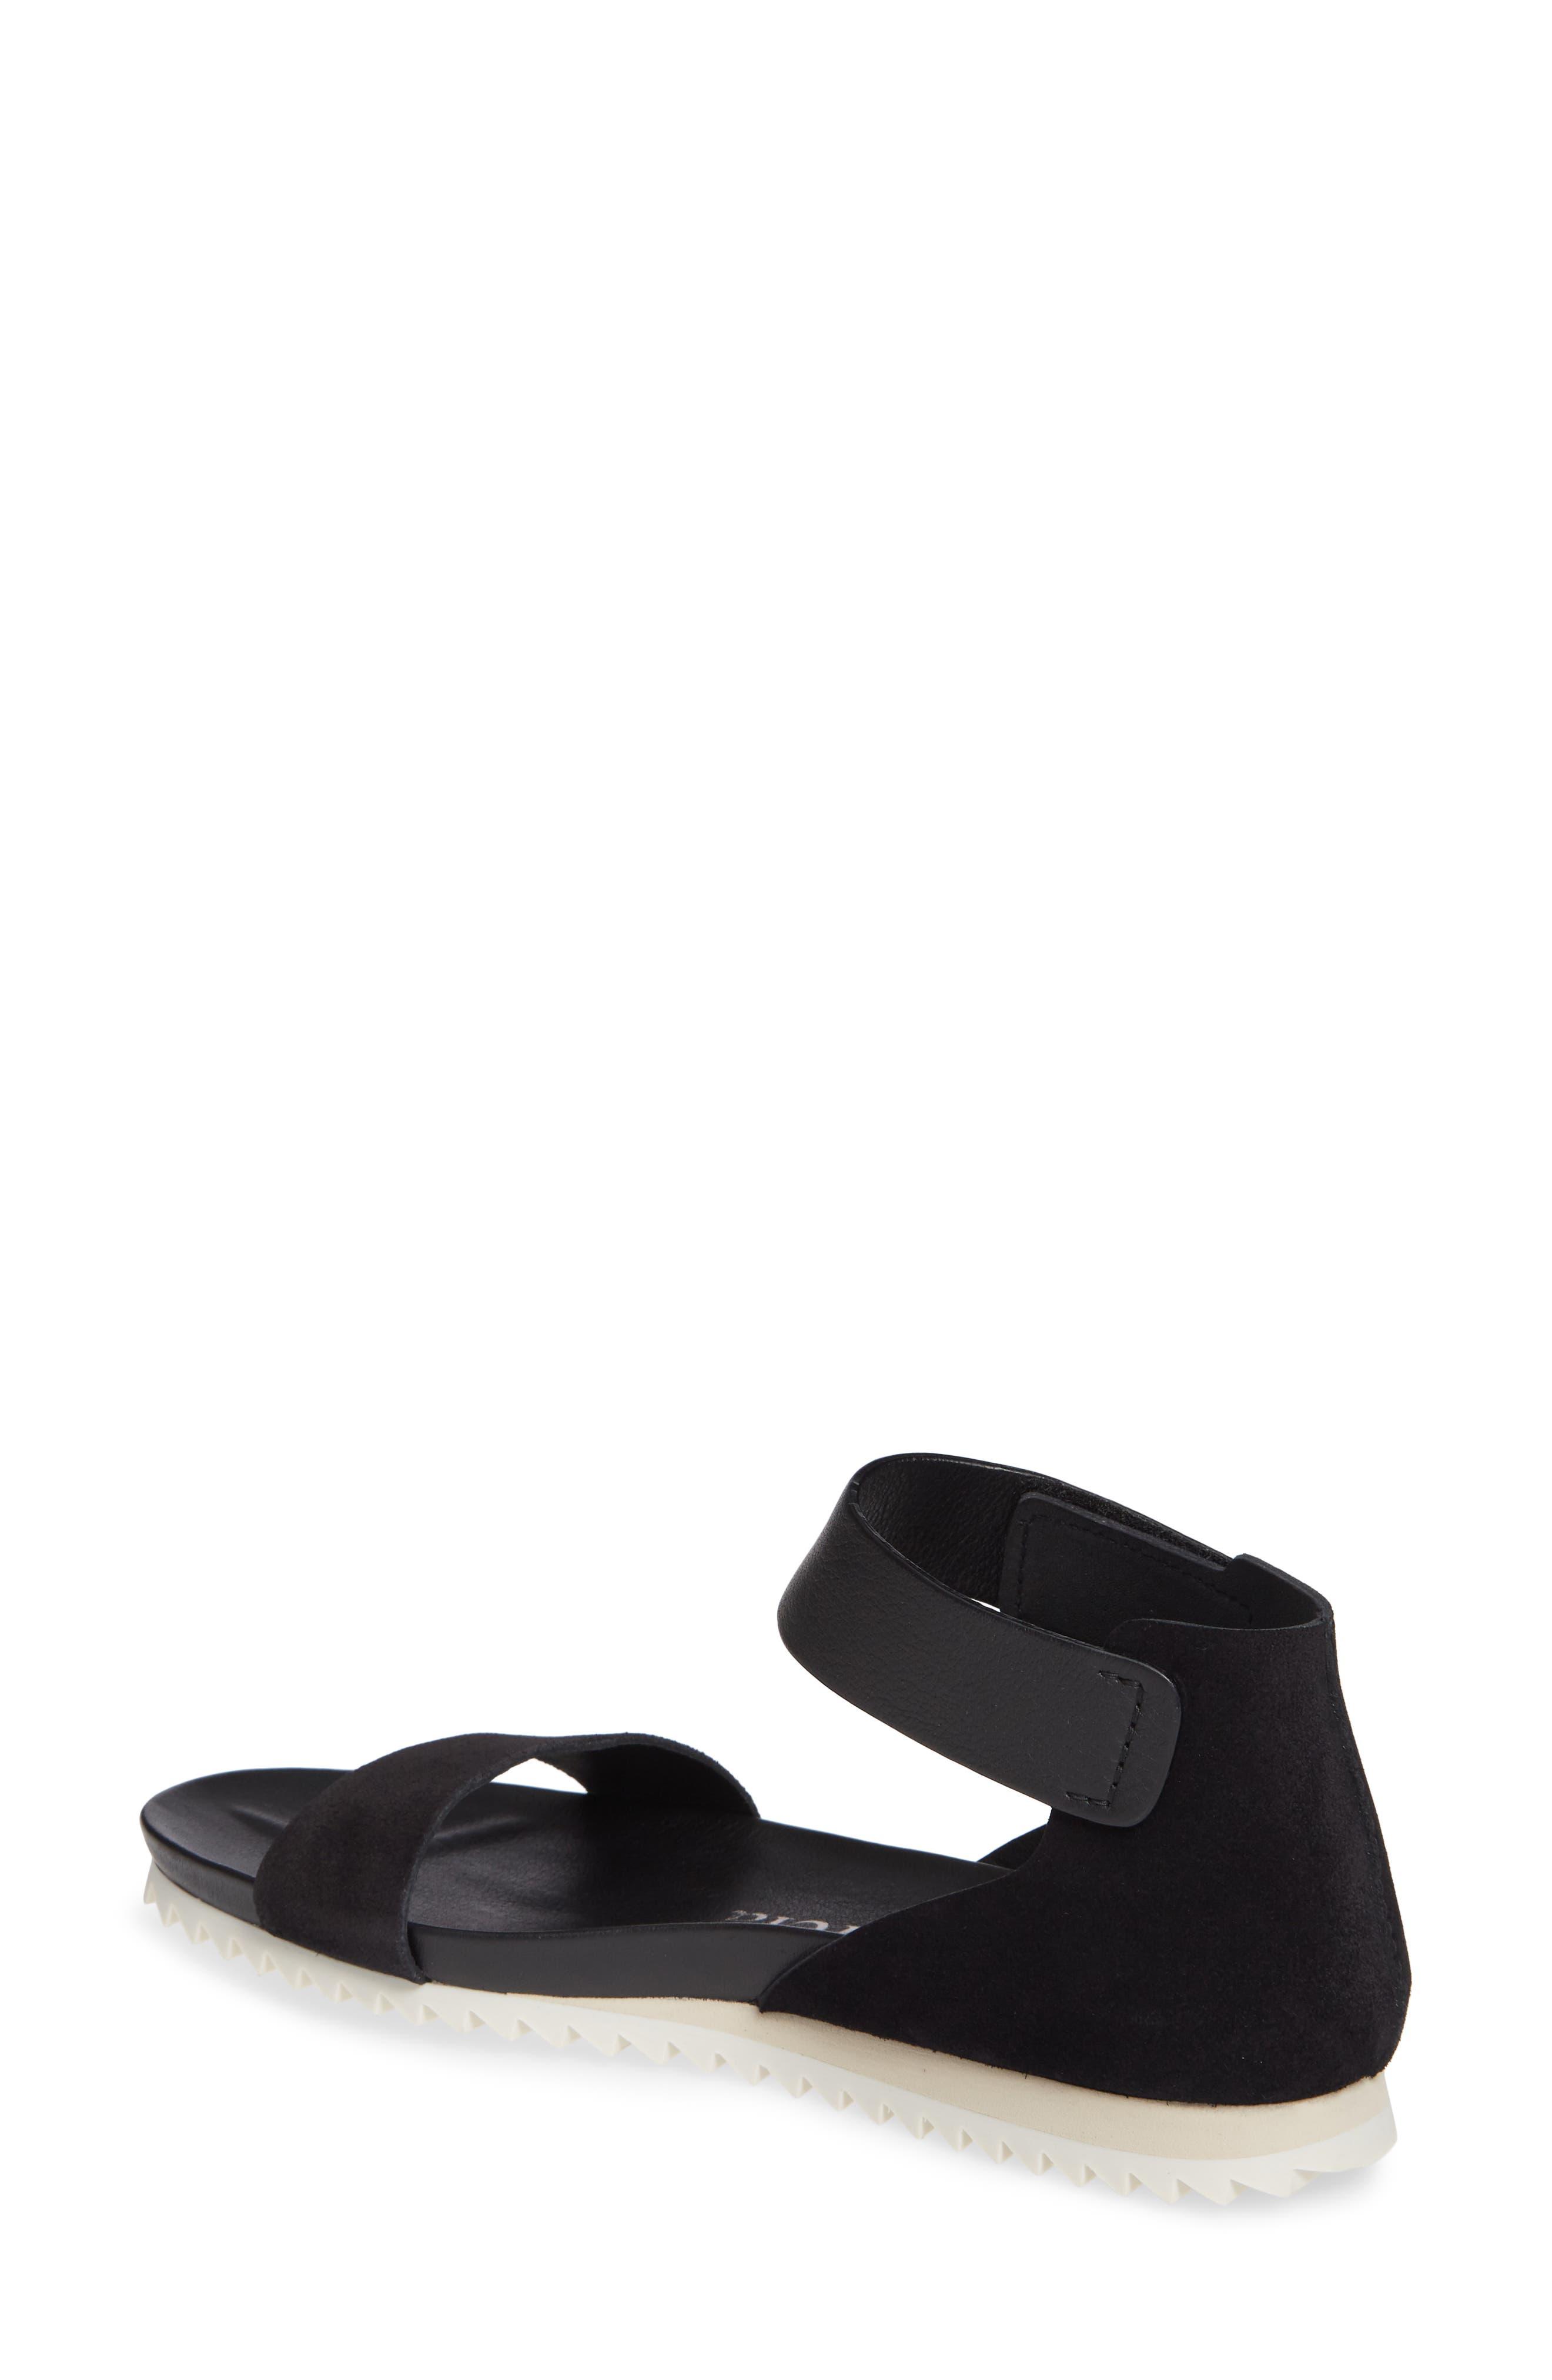 Jenile Ankle Cuff Sandal,                             Alternate thumbnail 2, color,                             BLACK CASTORO